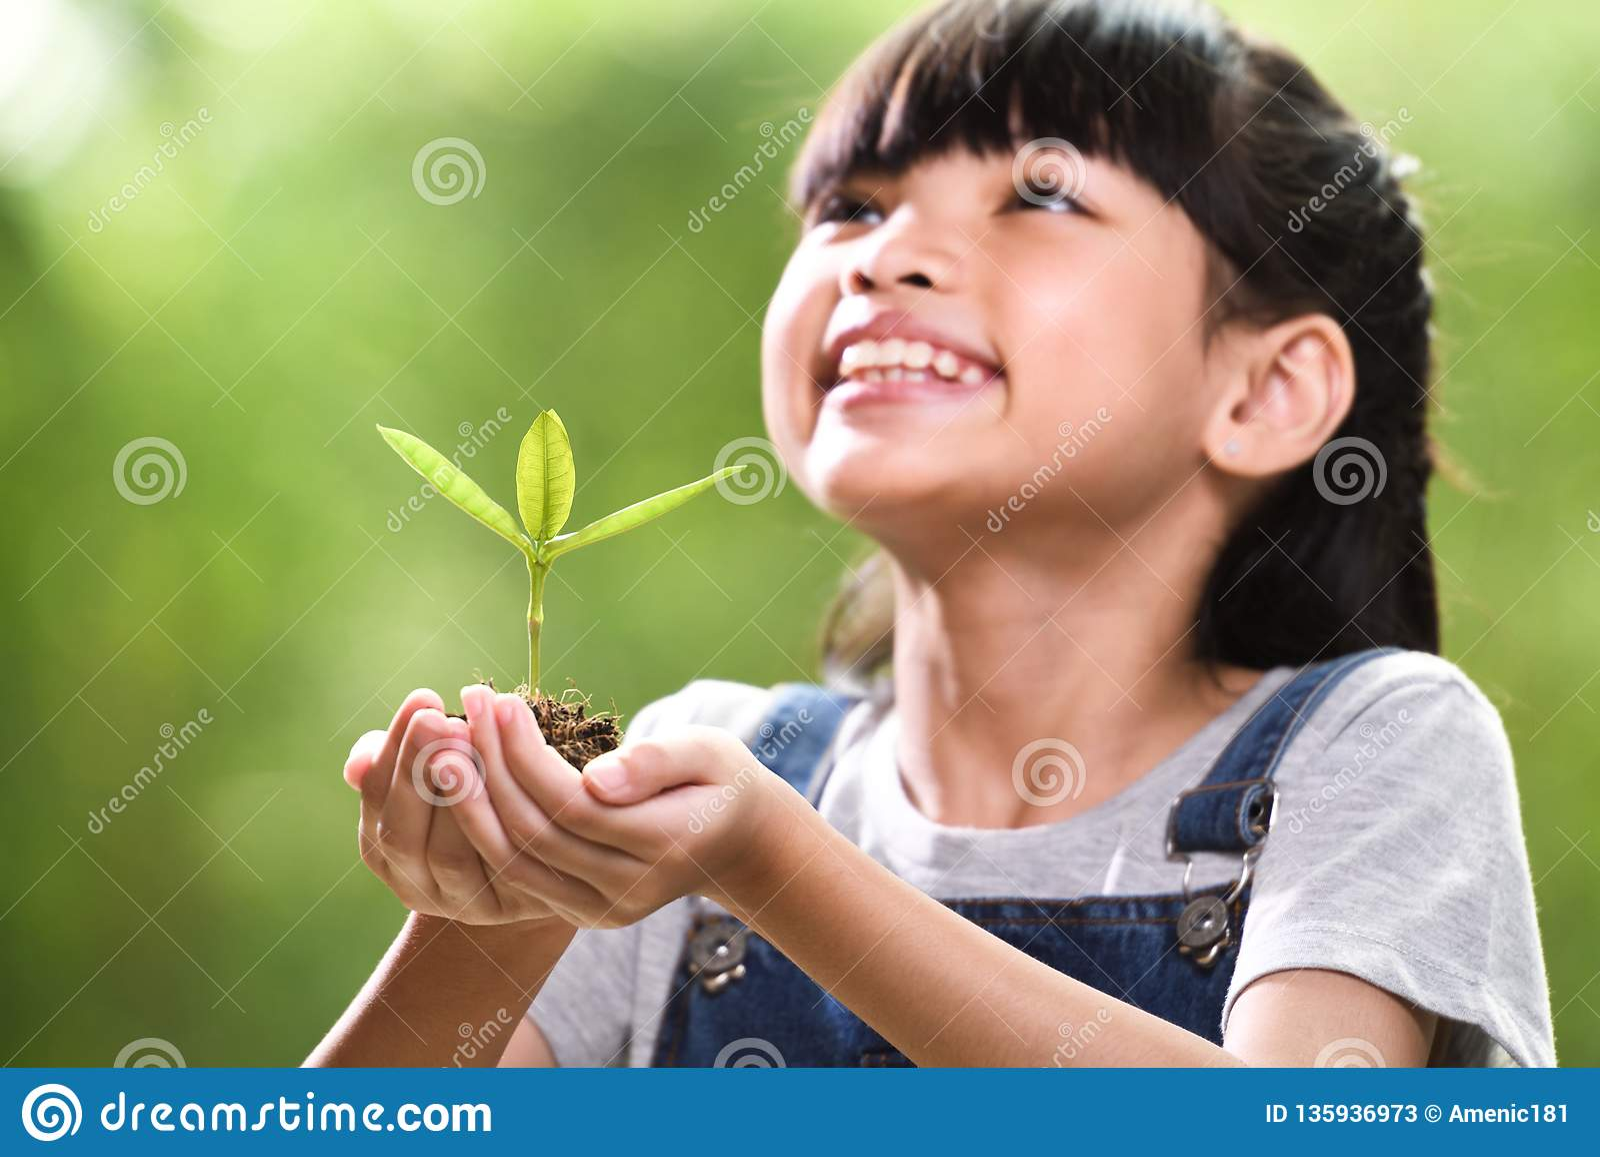 Uma menina que guarda uma planta nova em suas mãos com uma esperança do bom ambiente, foco seletivo na planta